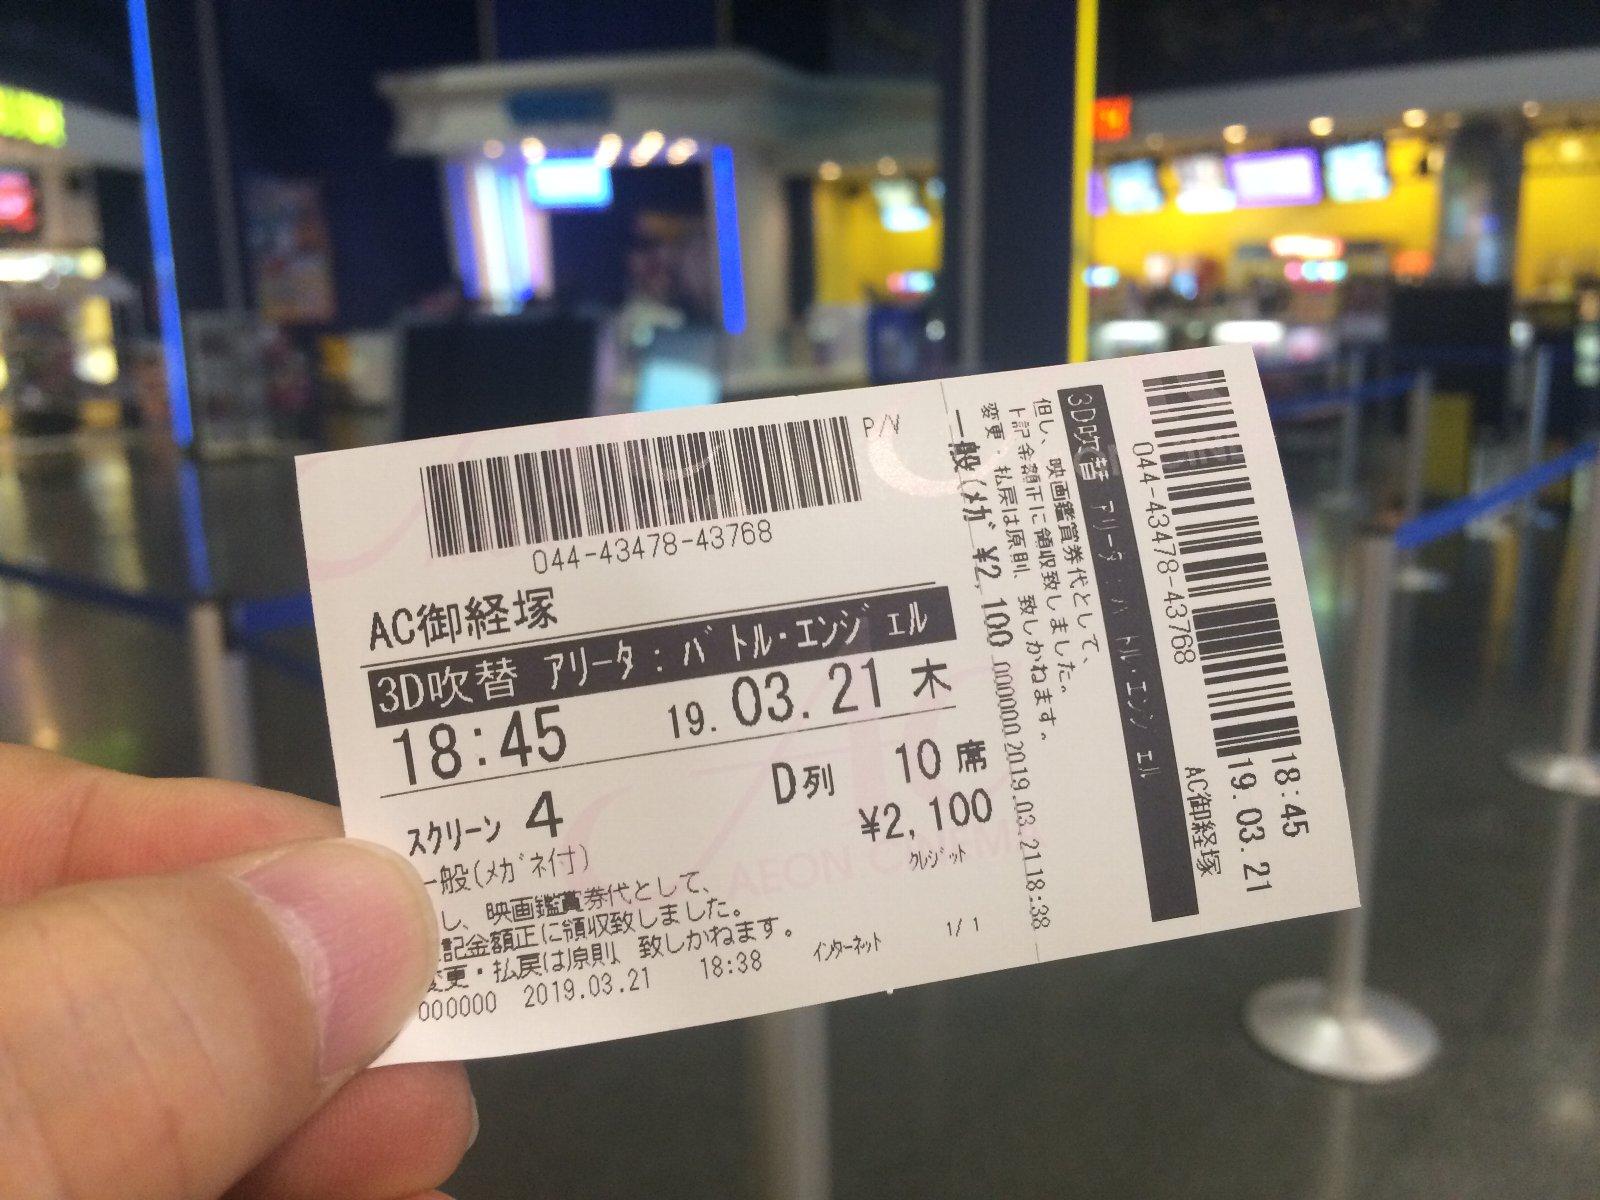 『アリータ』3D吹替え版チケット